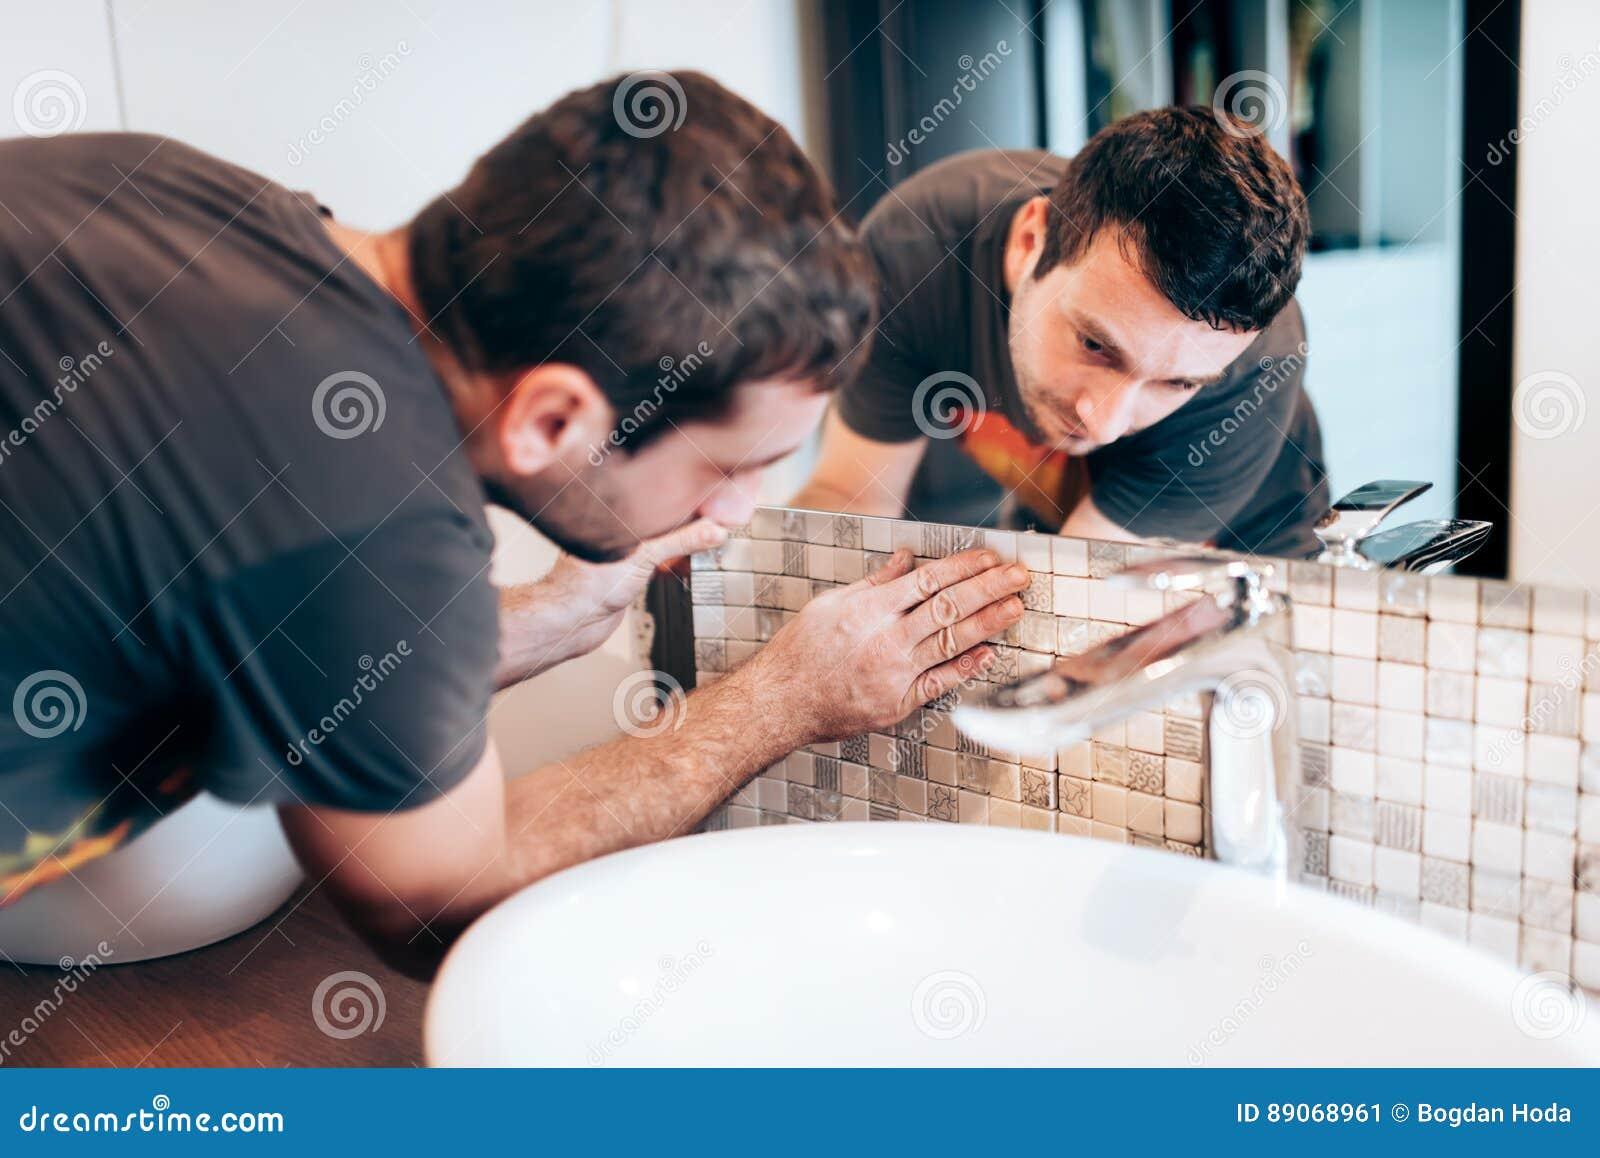 λεπτομέρειες ανακαίνισης Λεπτομέρειες κατασκευής με handyman ή τον εργαζόμενο που προσθέτει τα κεραμικά κεραμίδια μωσαϊκών στους